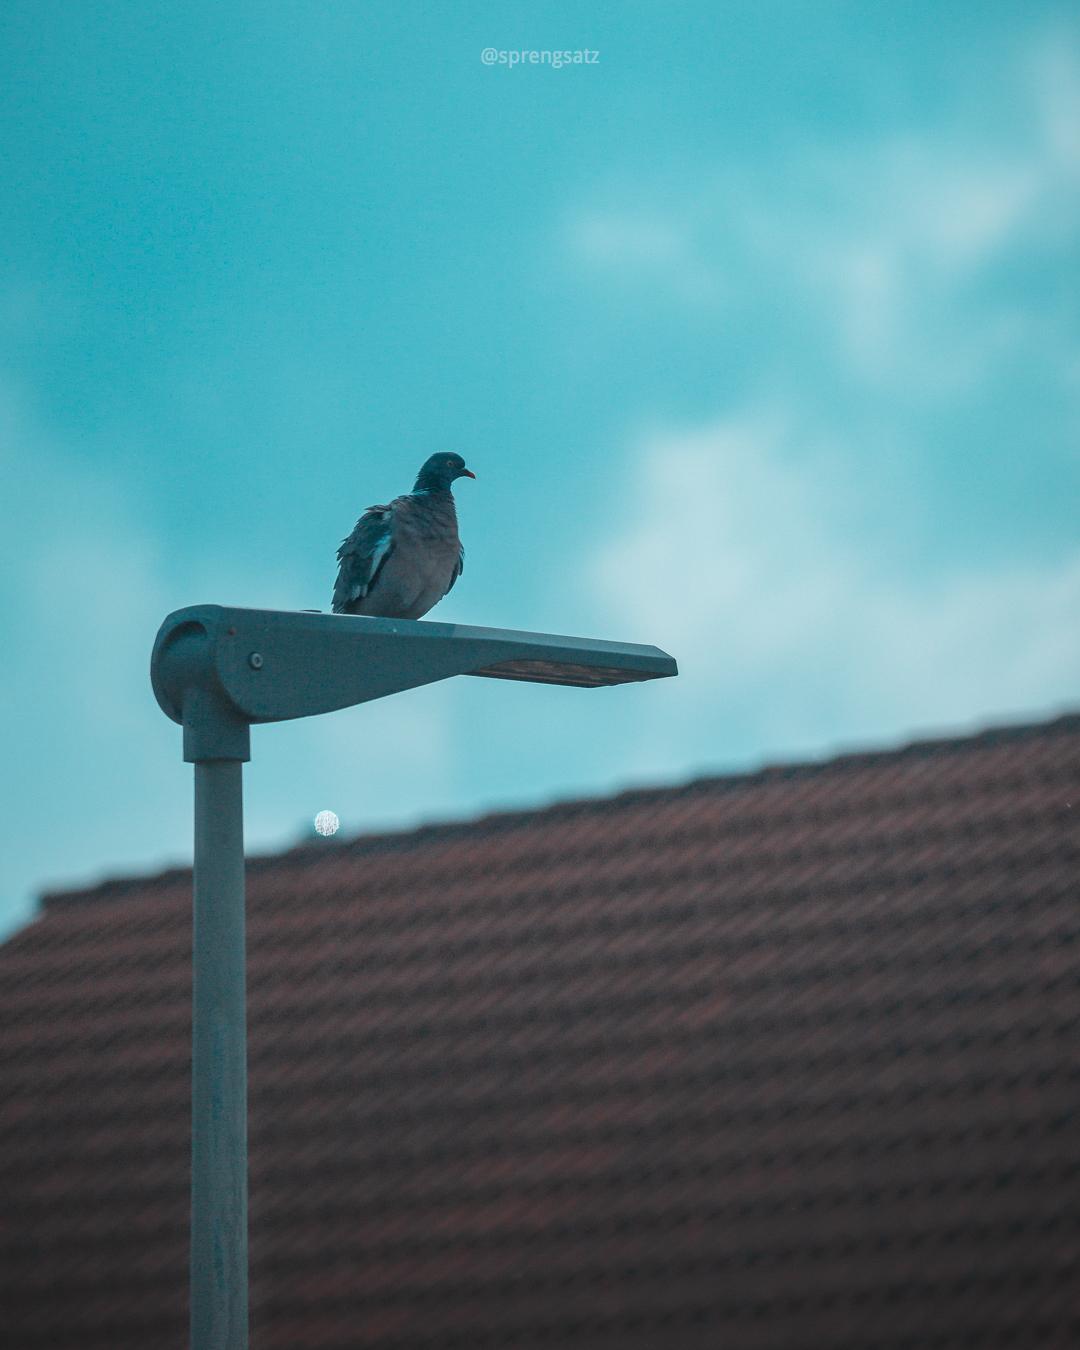 Ringeltaube sitzt auf Straßenlaterne vor blauem Himmel